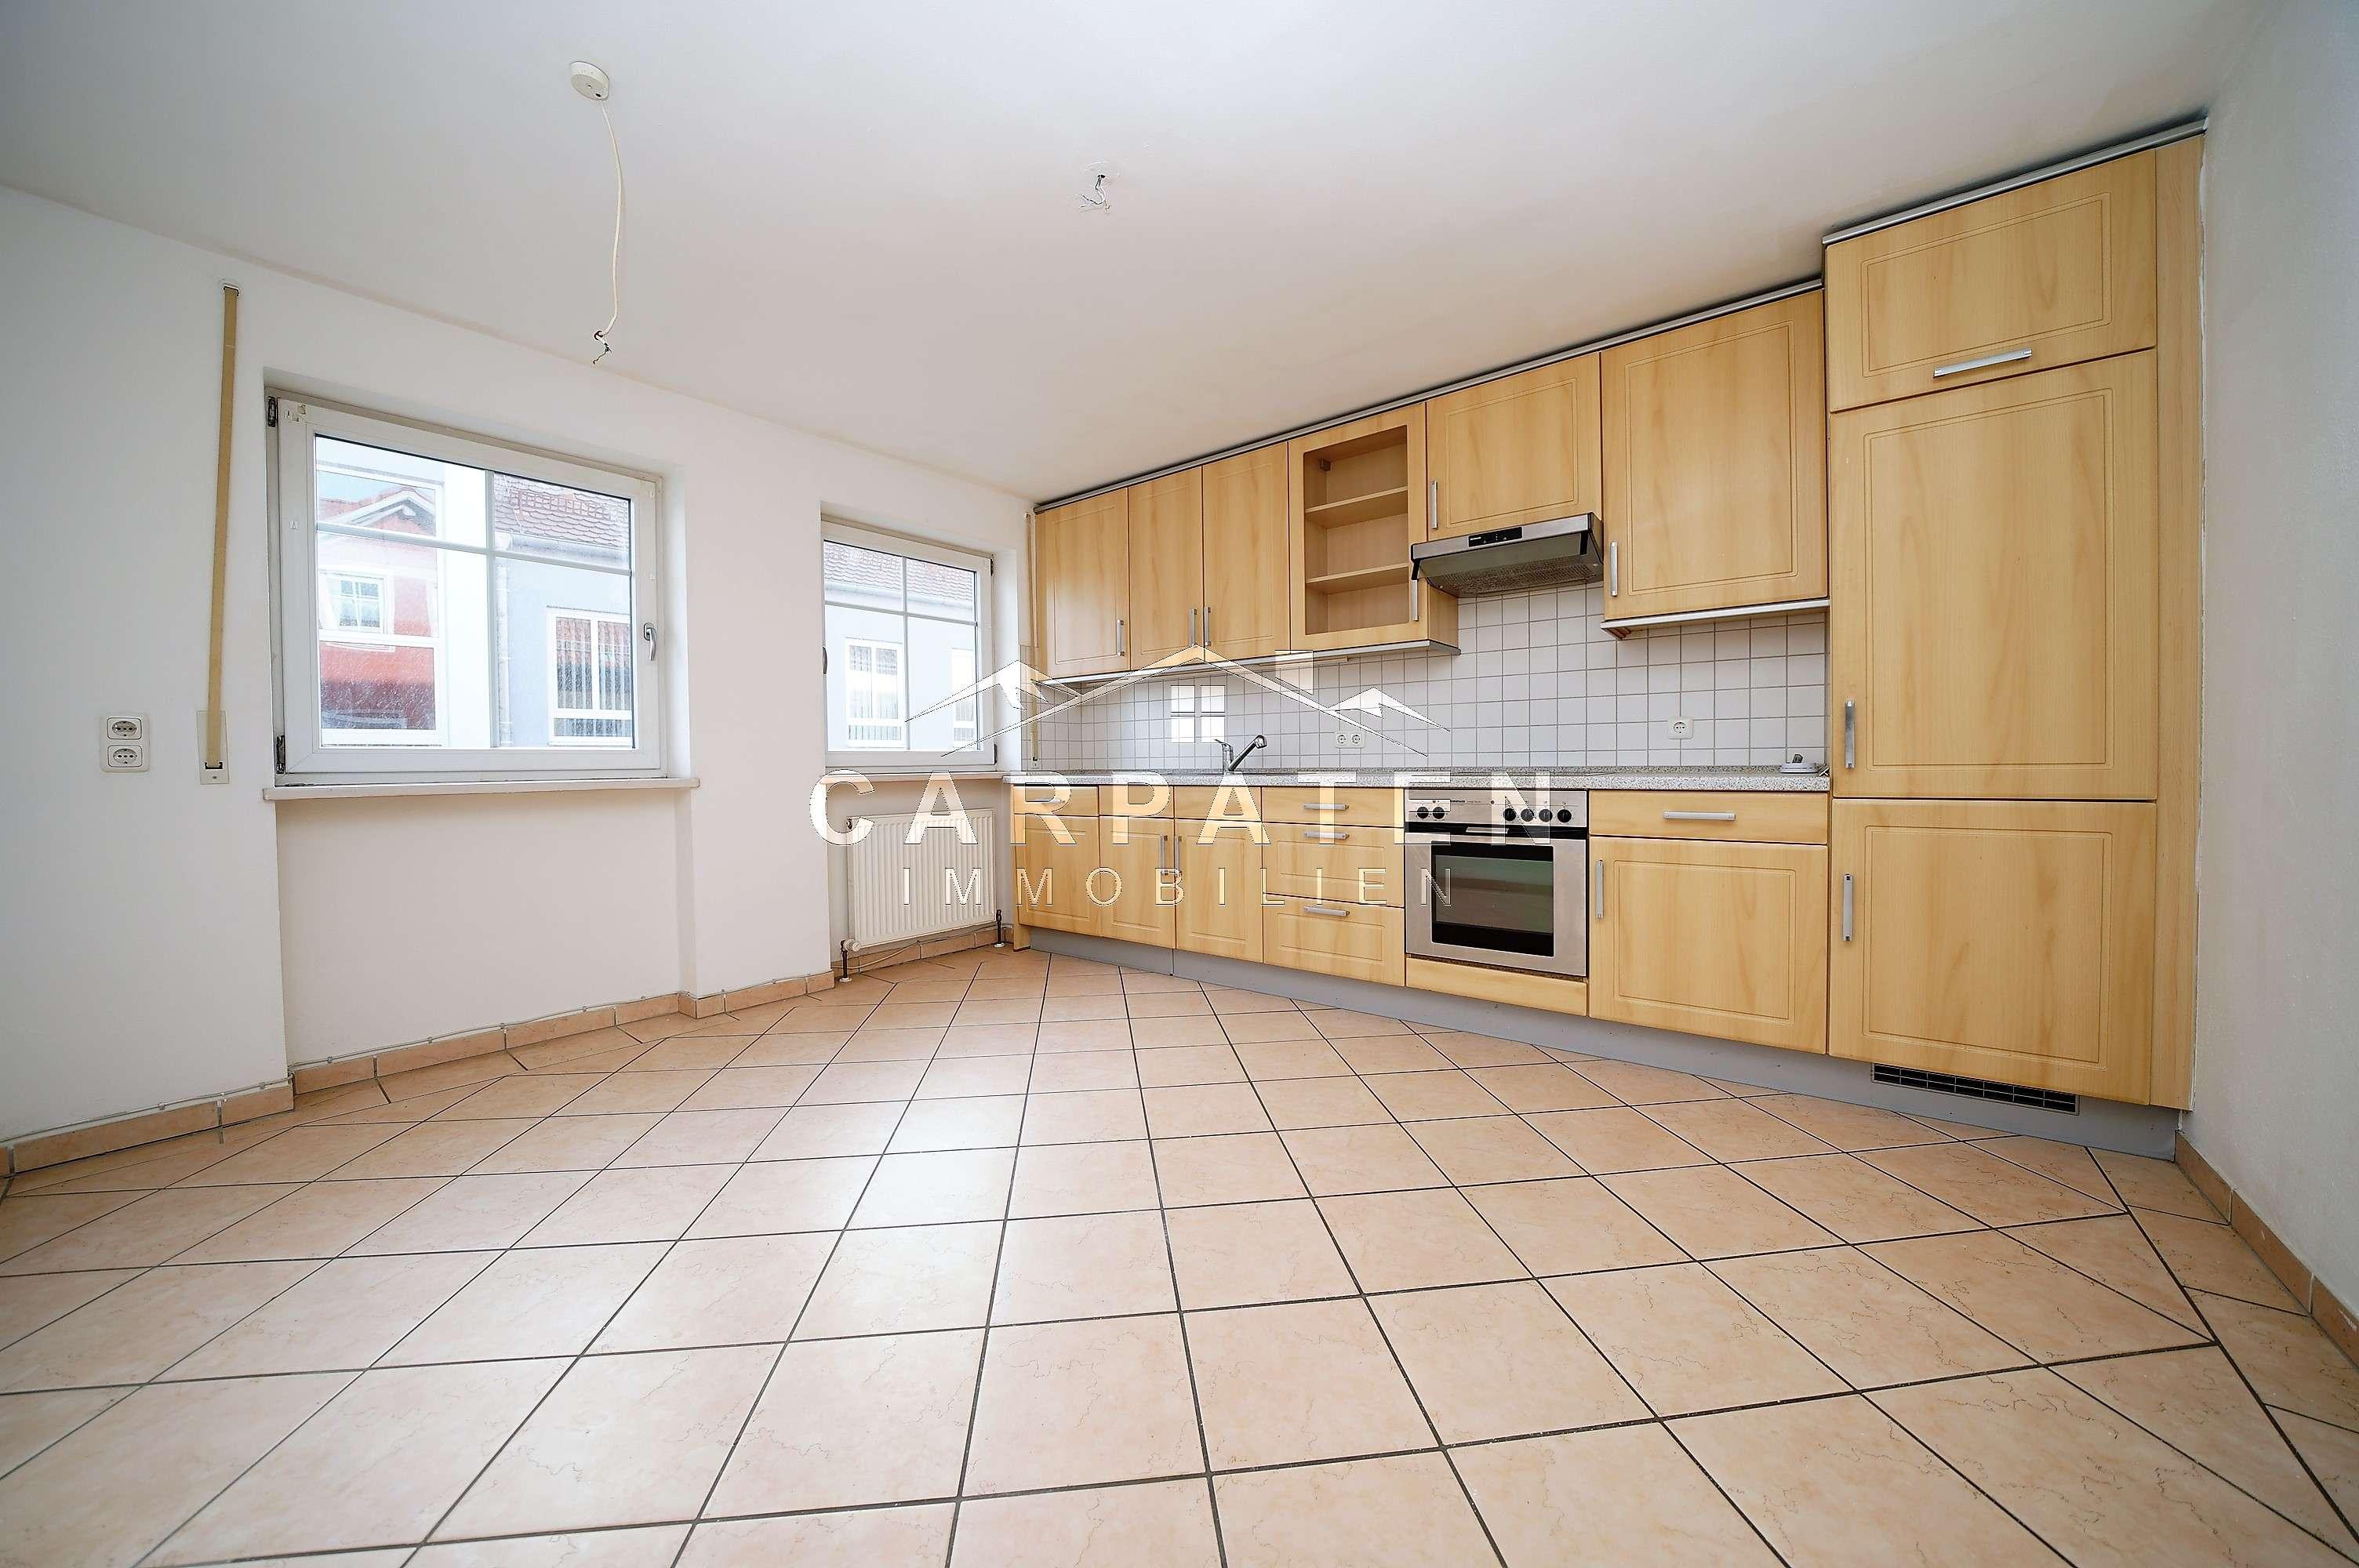 3-Zimmer-Wohnung mit Einbauküche - 84140 Gangkofen in Gangkofen